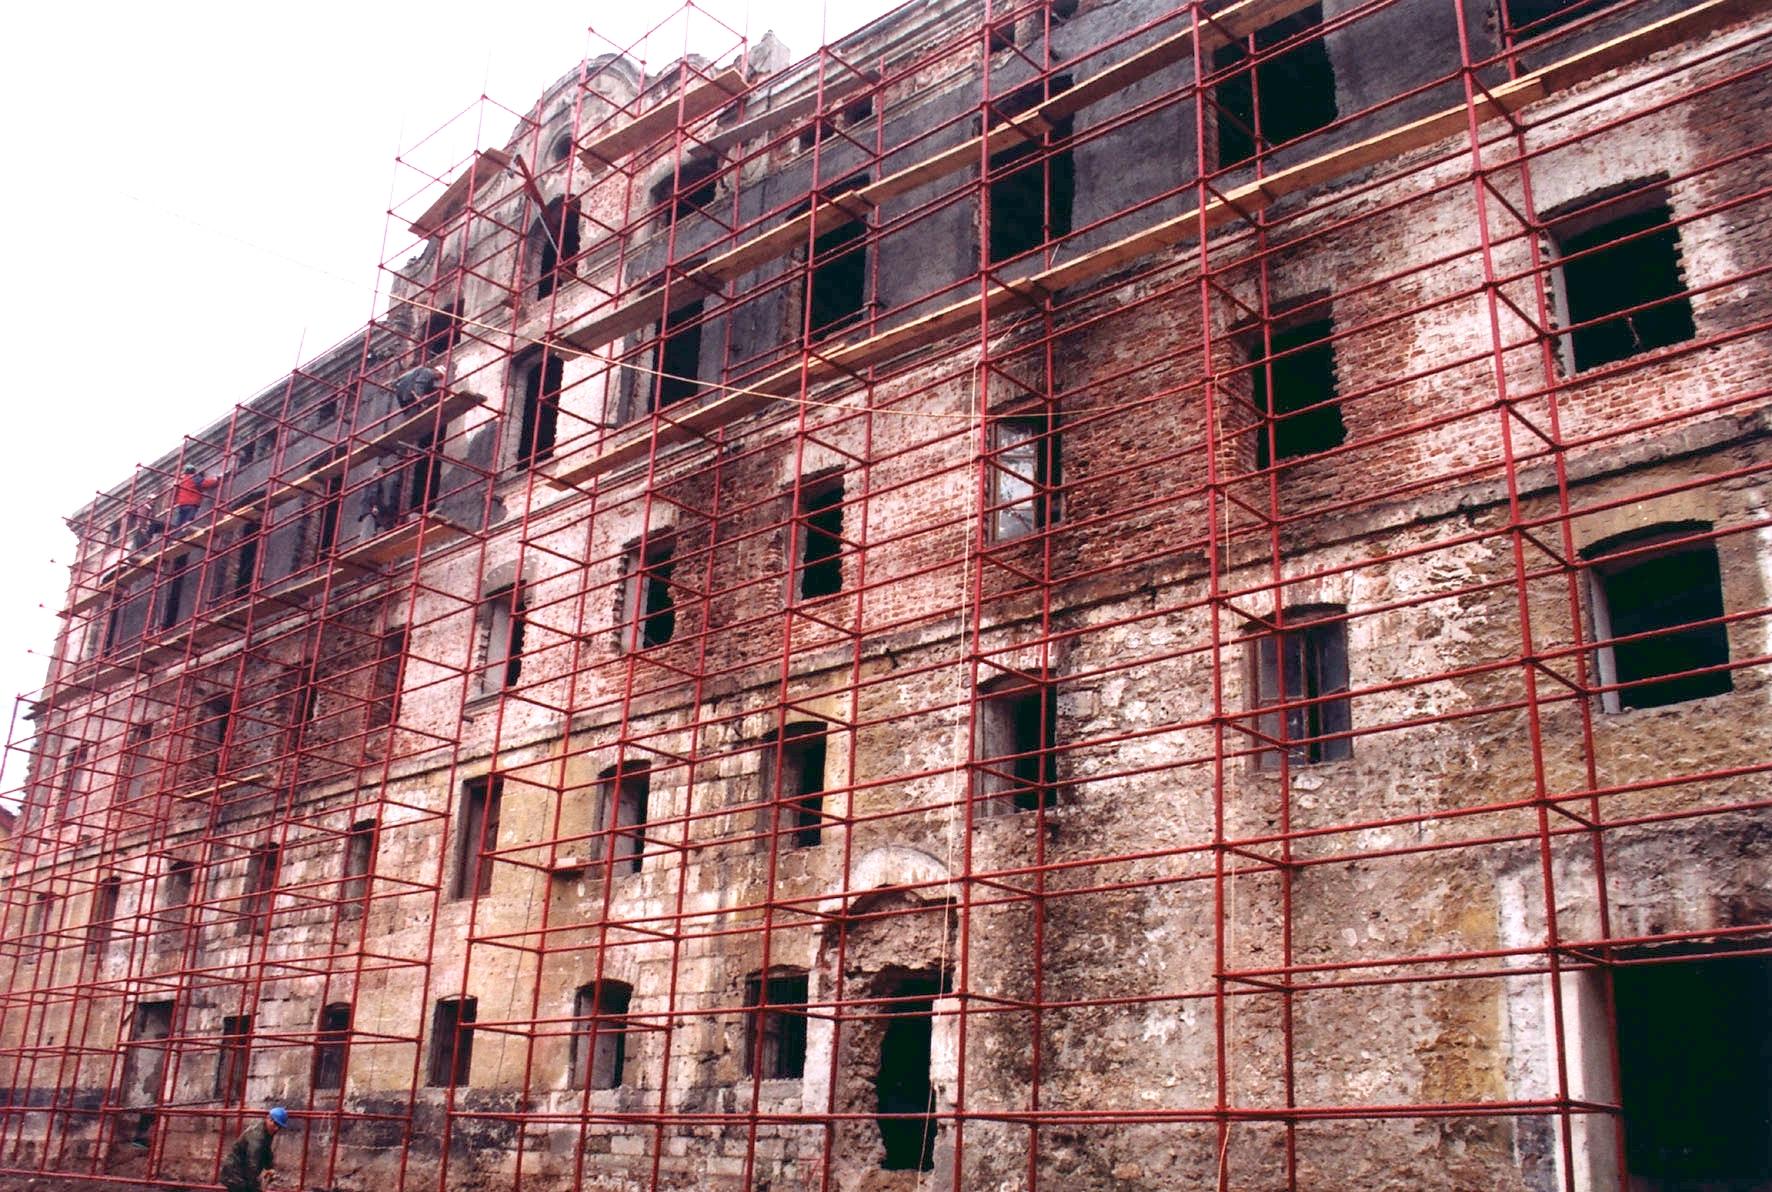 Bursa Fabrika I Hümayun Moda Yüksek Okulu . Eski Hali. Restorasyondan önceki. Bursa Büyük Şehir Tarihi Eser Restorasyonu